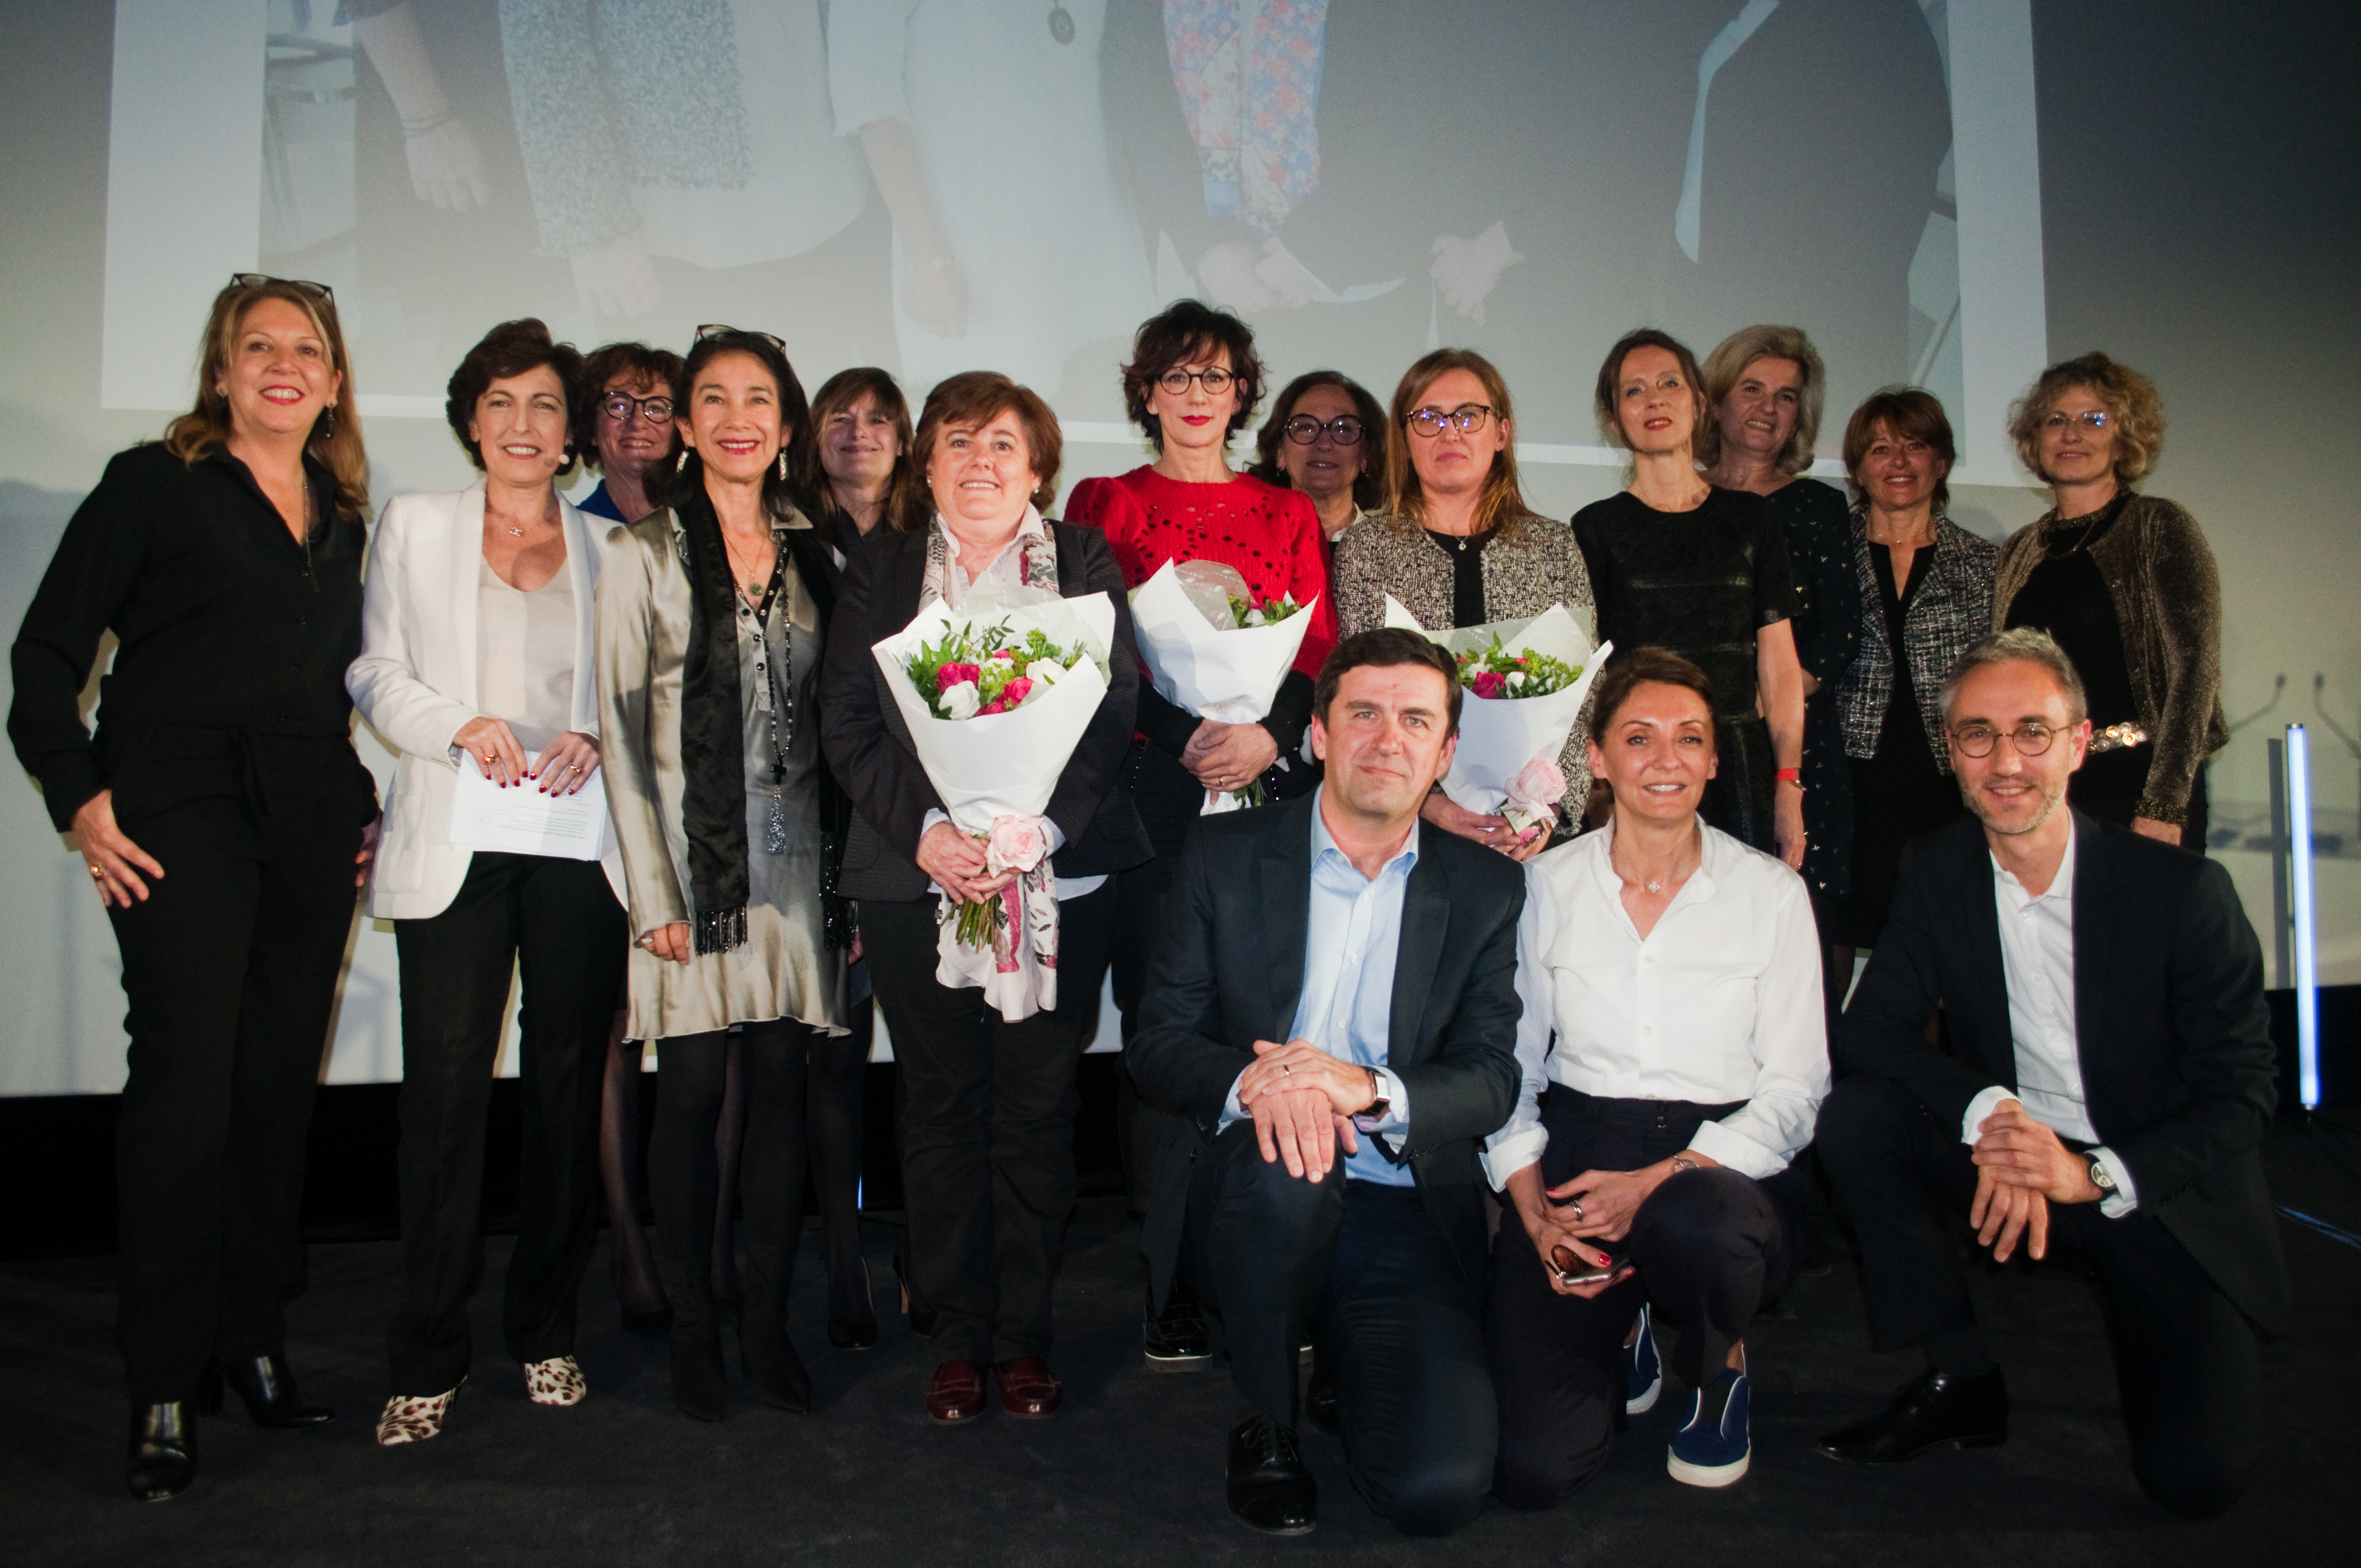 Les photos de la cérémonie